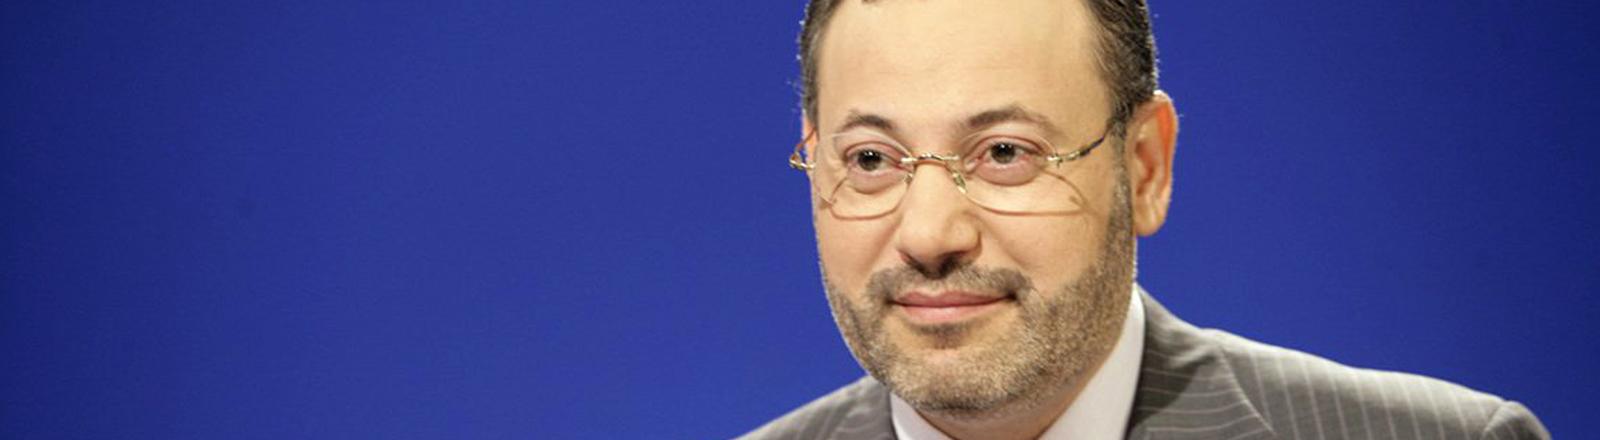 Der Al-Dschasira-Journalist Ahmed Mansur